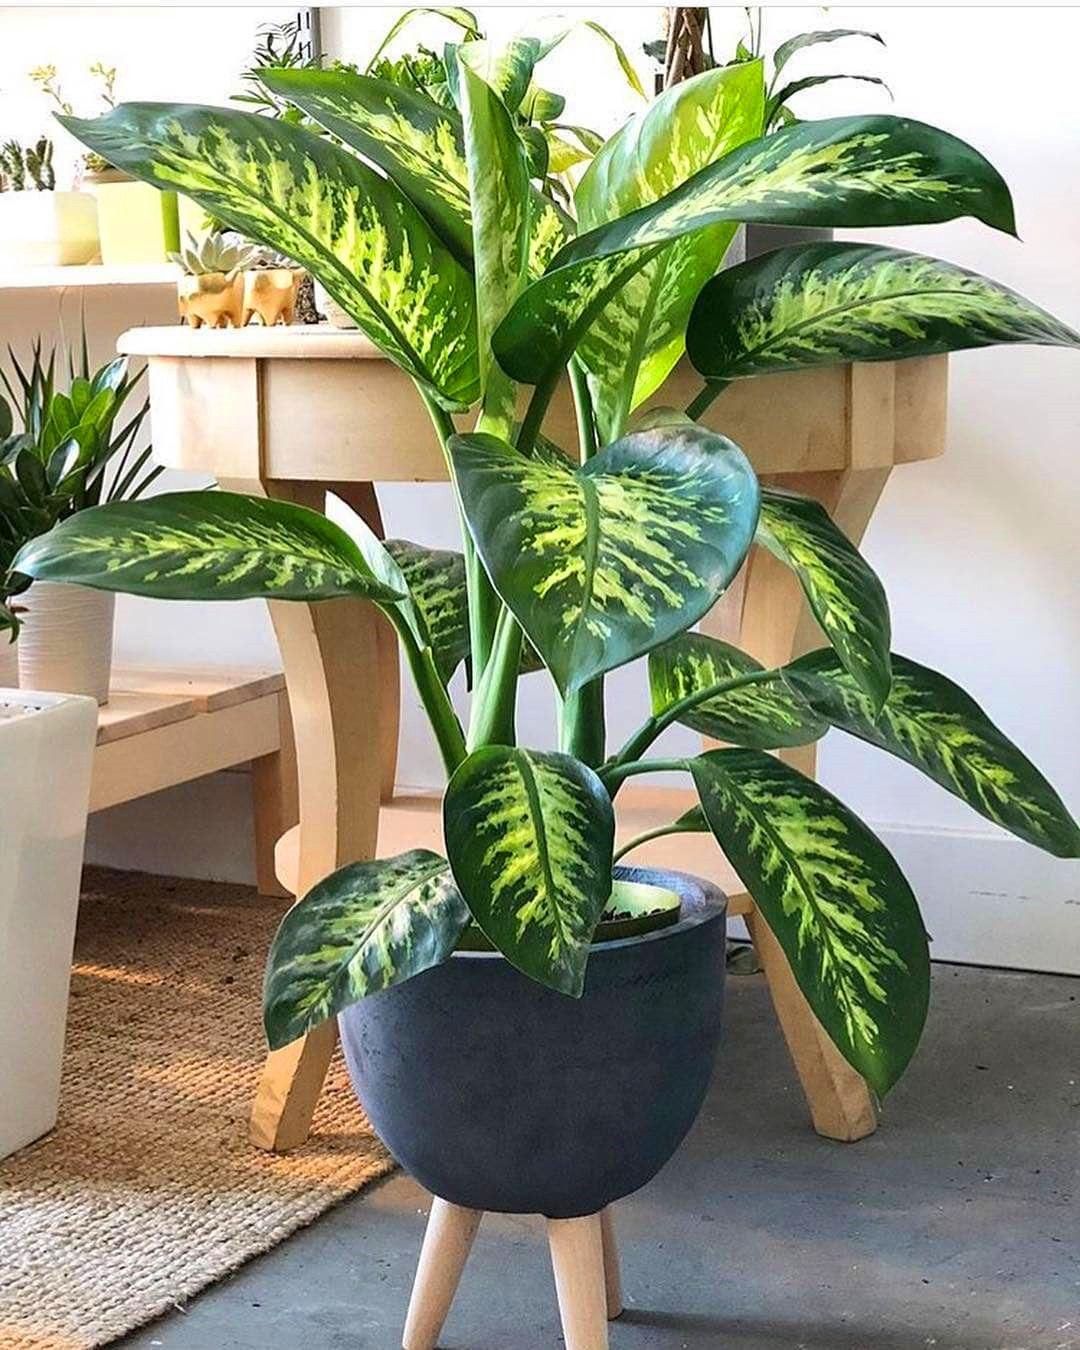 60 Beautiful Indoor Plants Design In Your Interior Home House Plants Decor Plant Decor Plant Decor Indoor